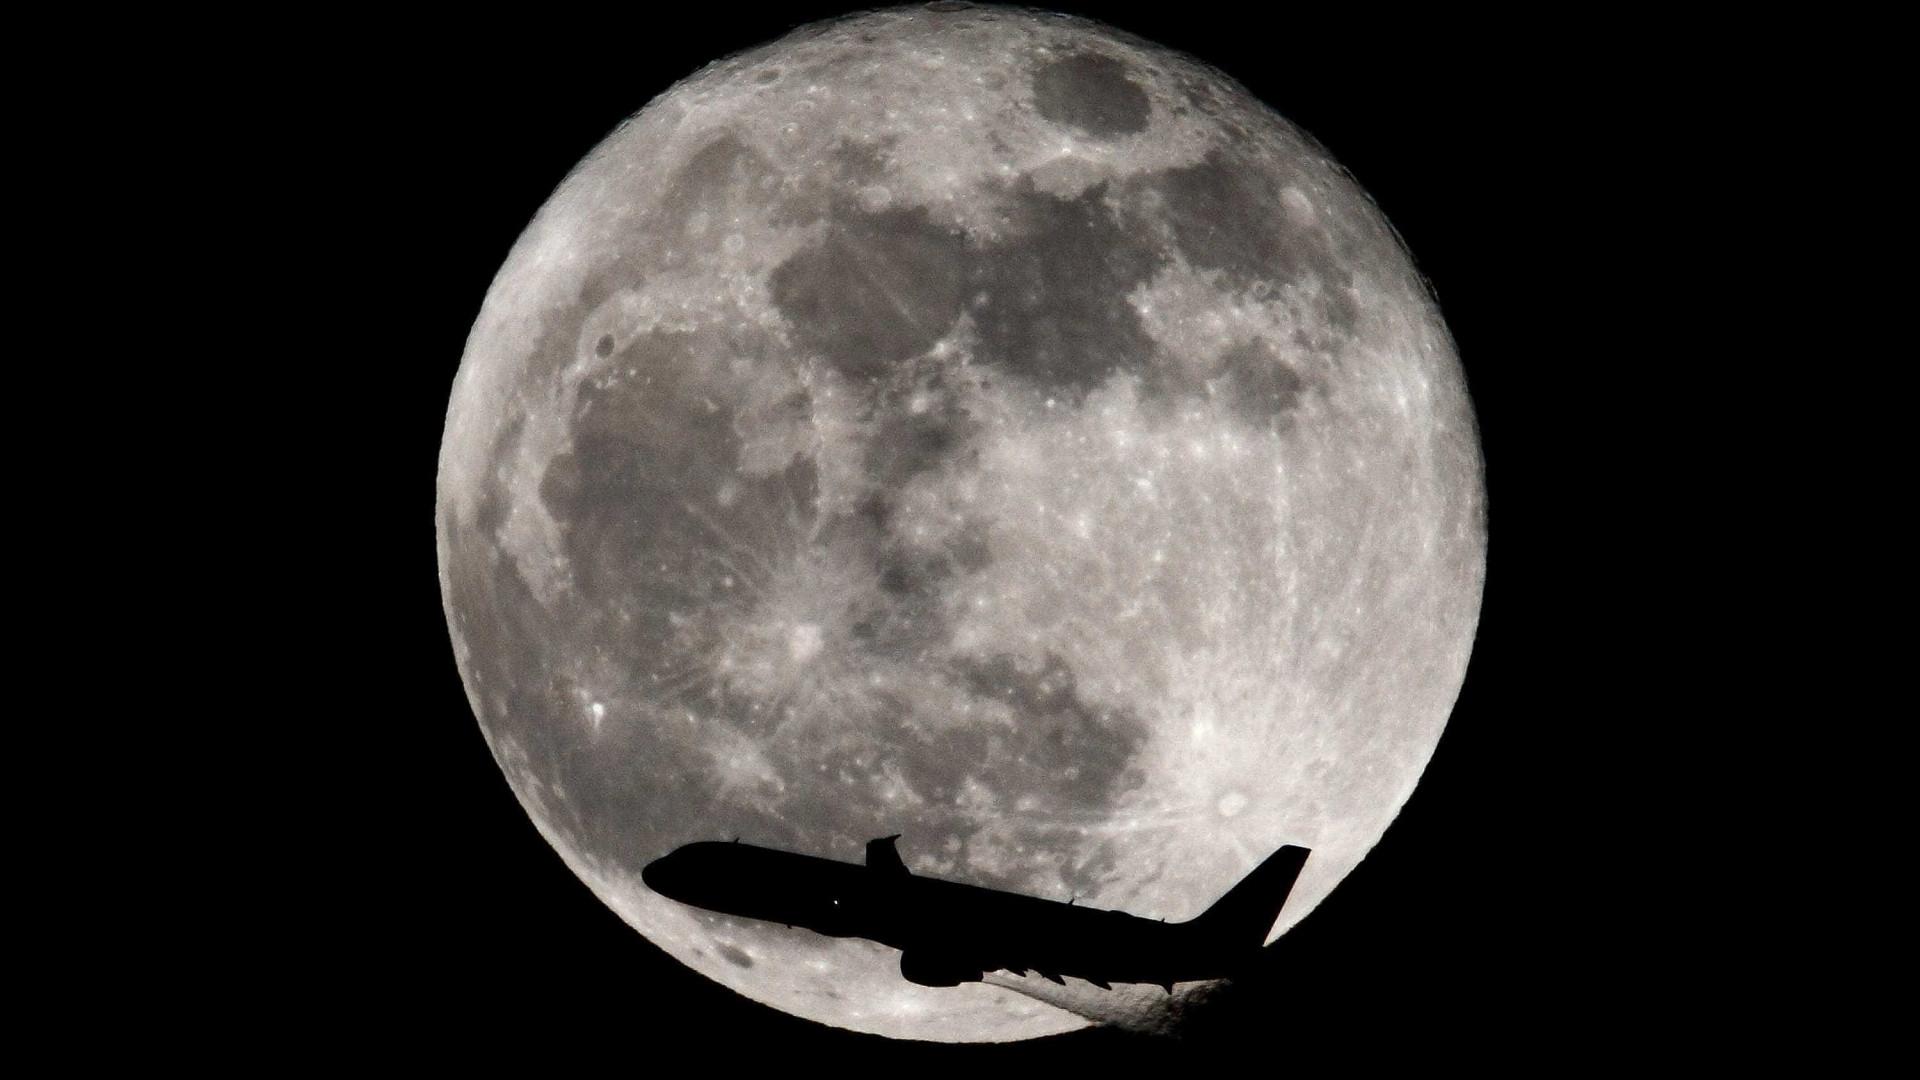 Eclipse Parcial da Lua em agosto de 2017 | Observatório Astronómico de Lisboa